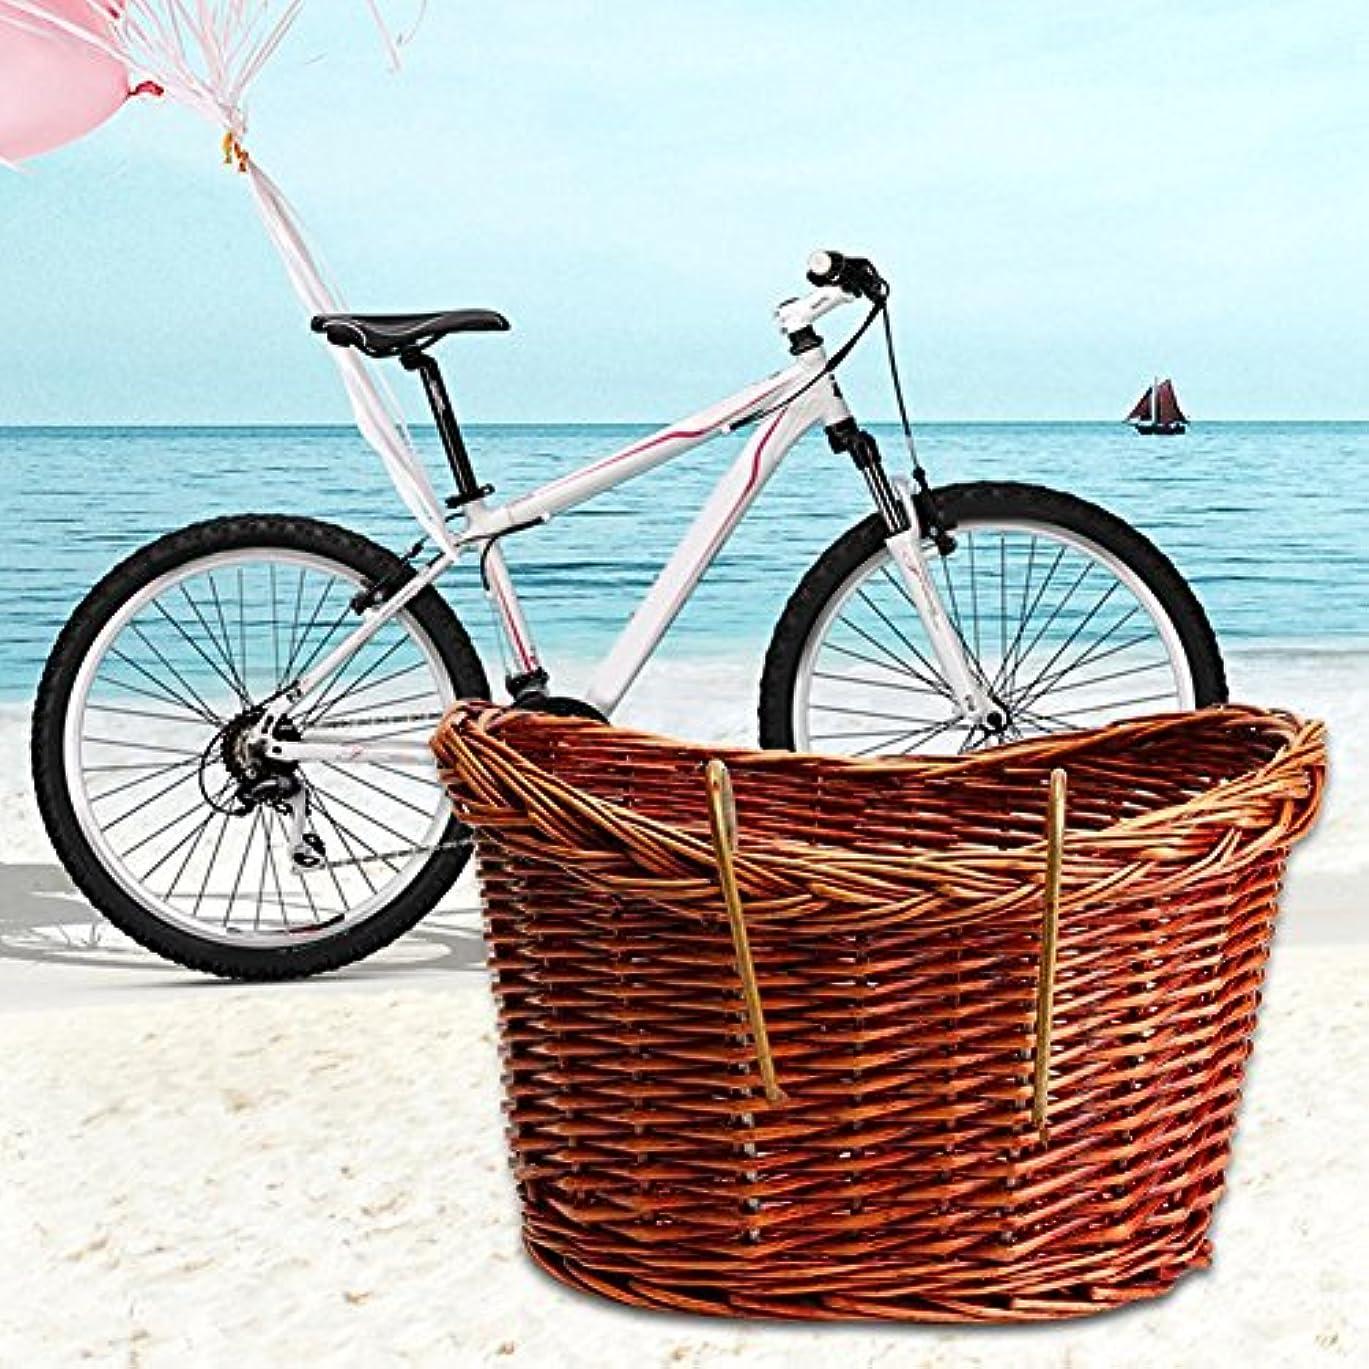 通常把握繊細ブルーネットウィッカーフロントハンドルバーバイクバスケットカーゴ、ウィッカー編み自転車フロントバスケットウィッカーハンドルバーバスケット ハンドル付き